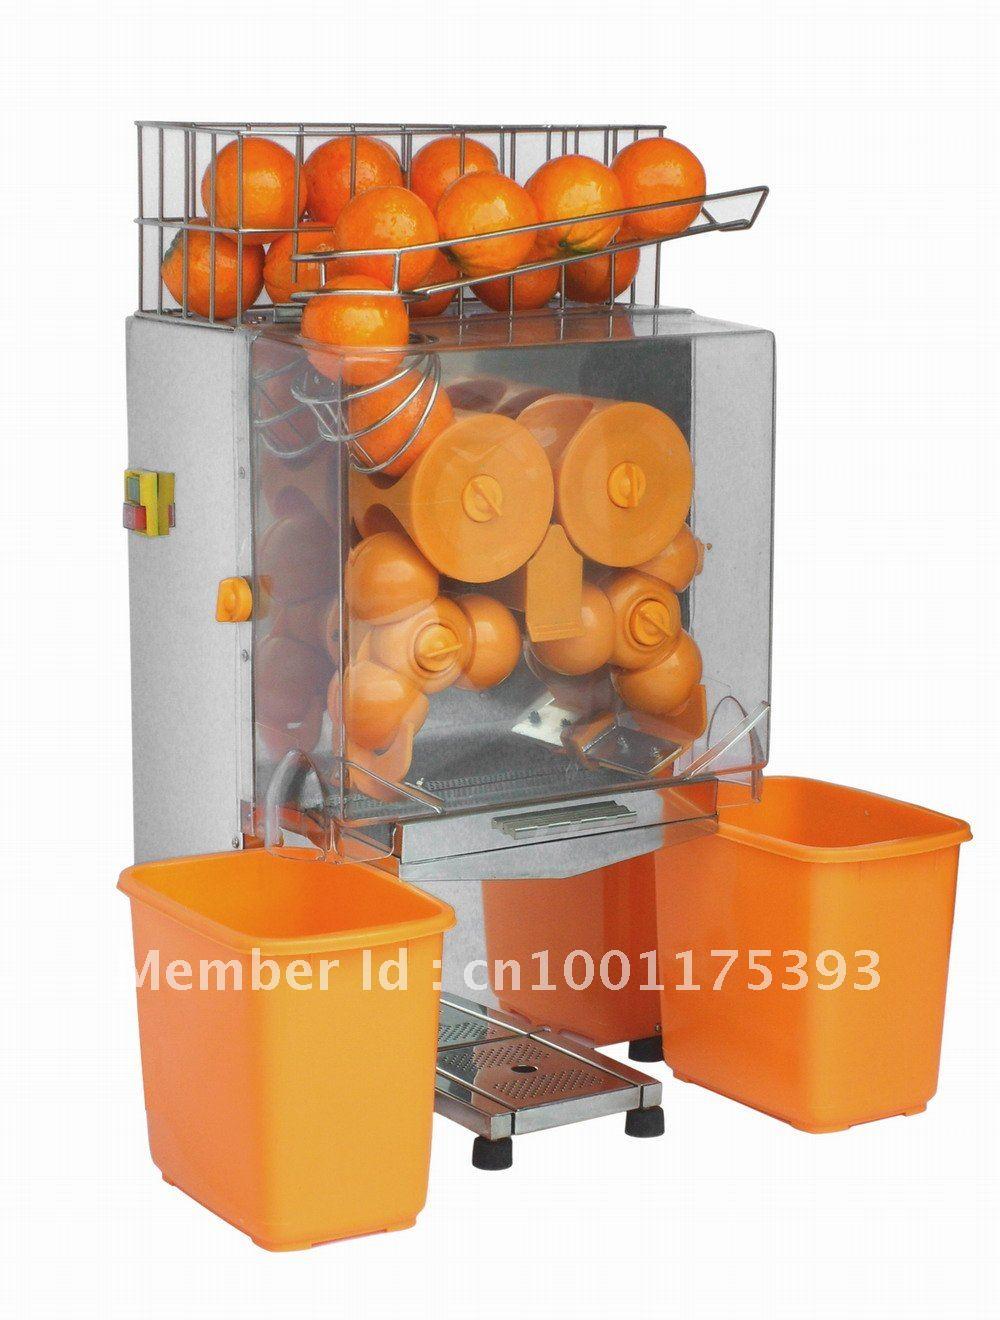 zumex orange juice machine price